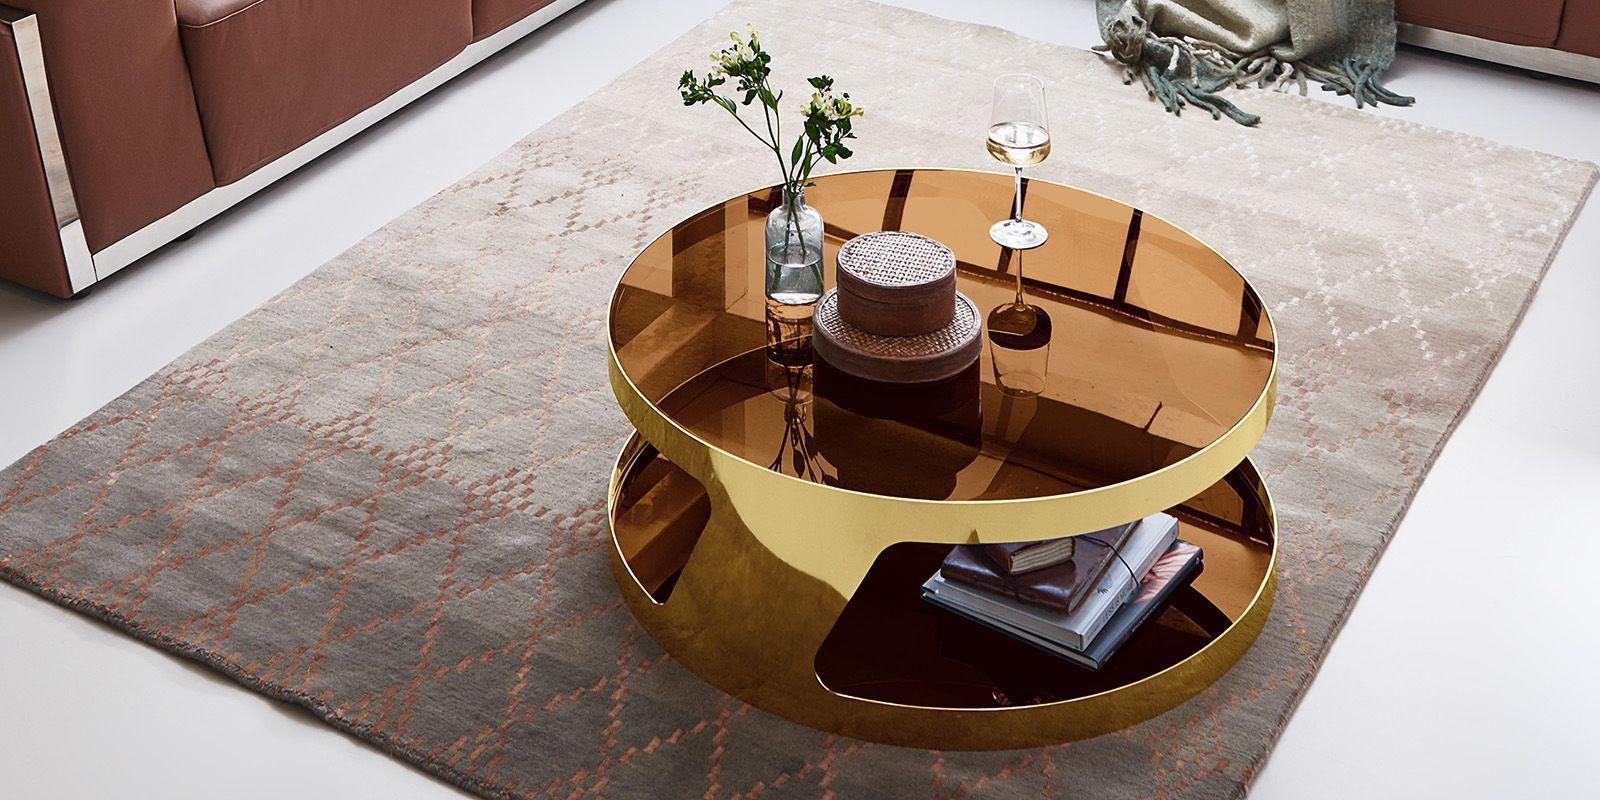 Edelstahl Couchtisch Chrom Gold Rund Mit Glasplatte Couchtisch Tisch Couchtisch Modern